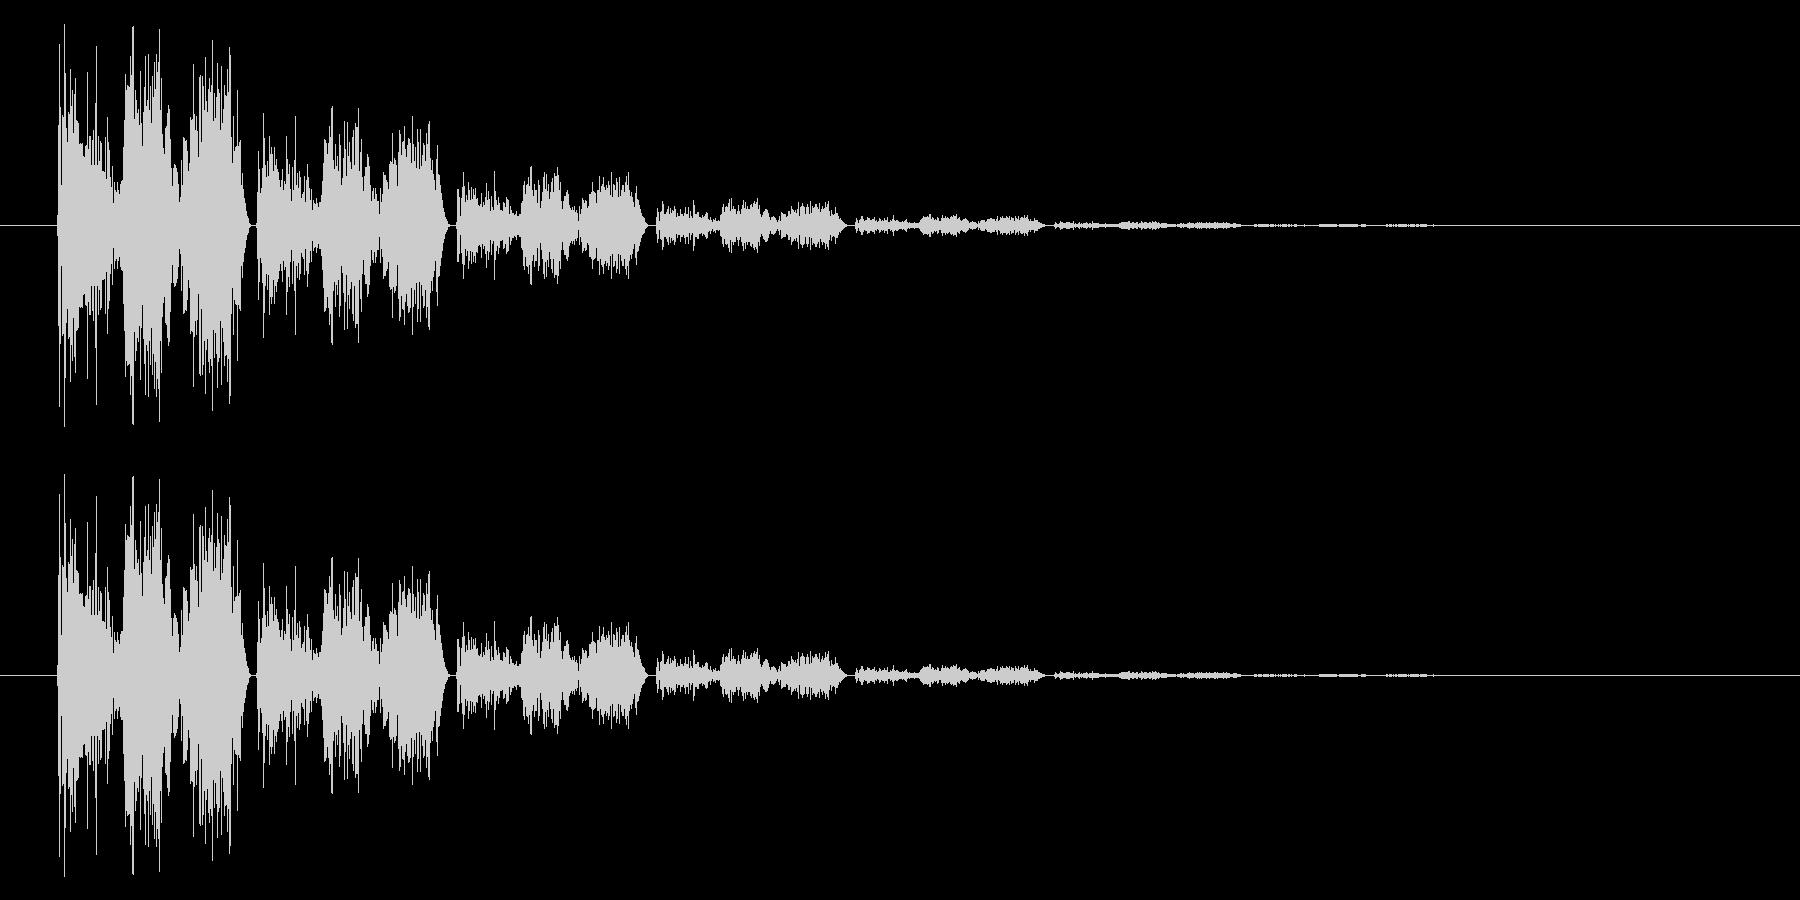 斬る04-4の未再生の波形